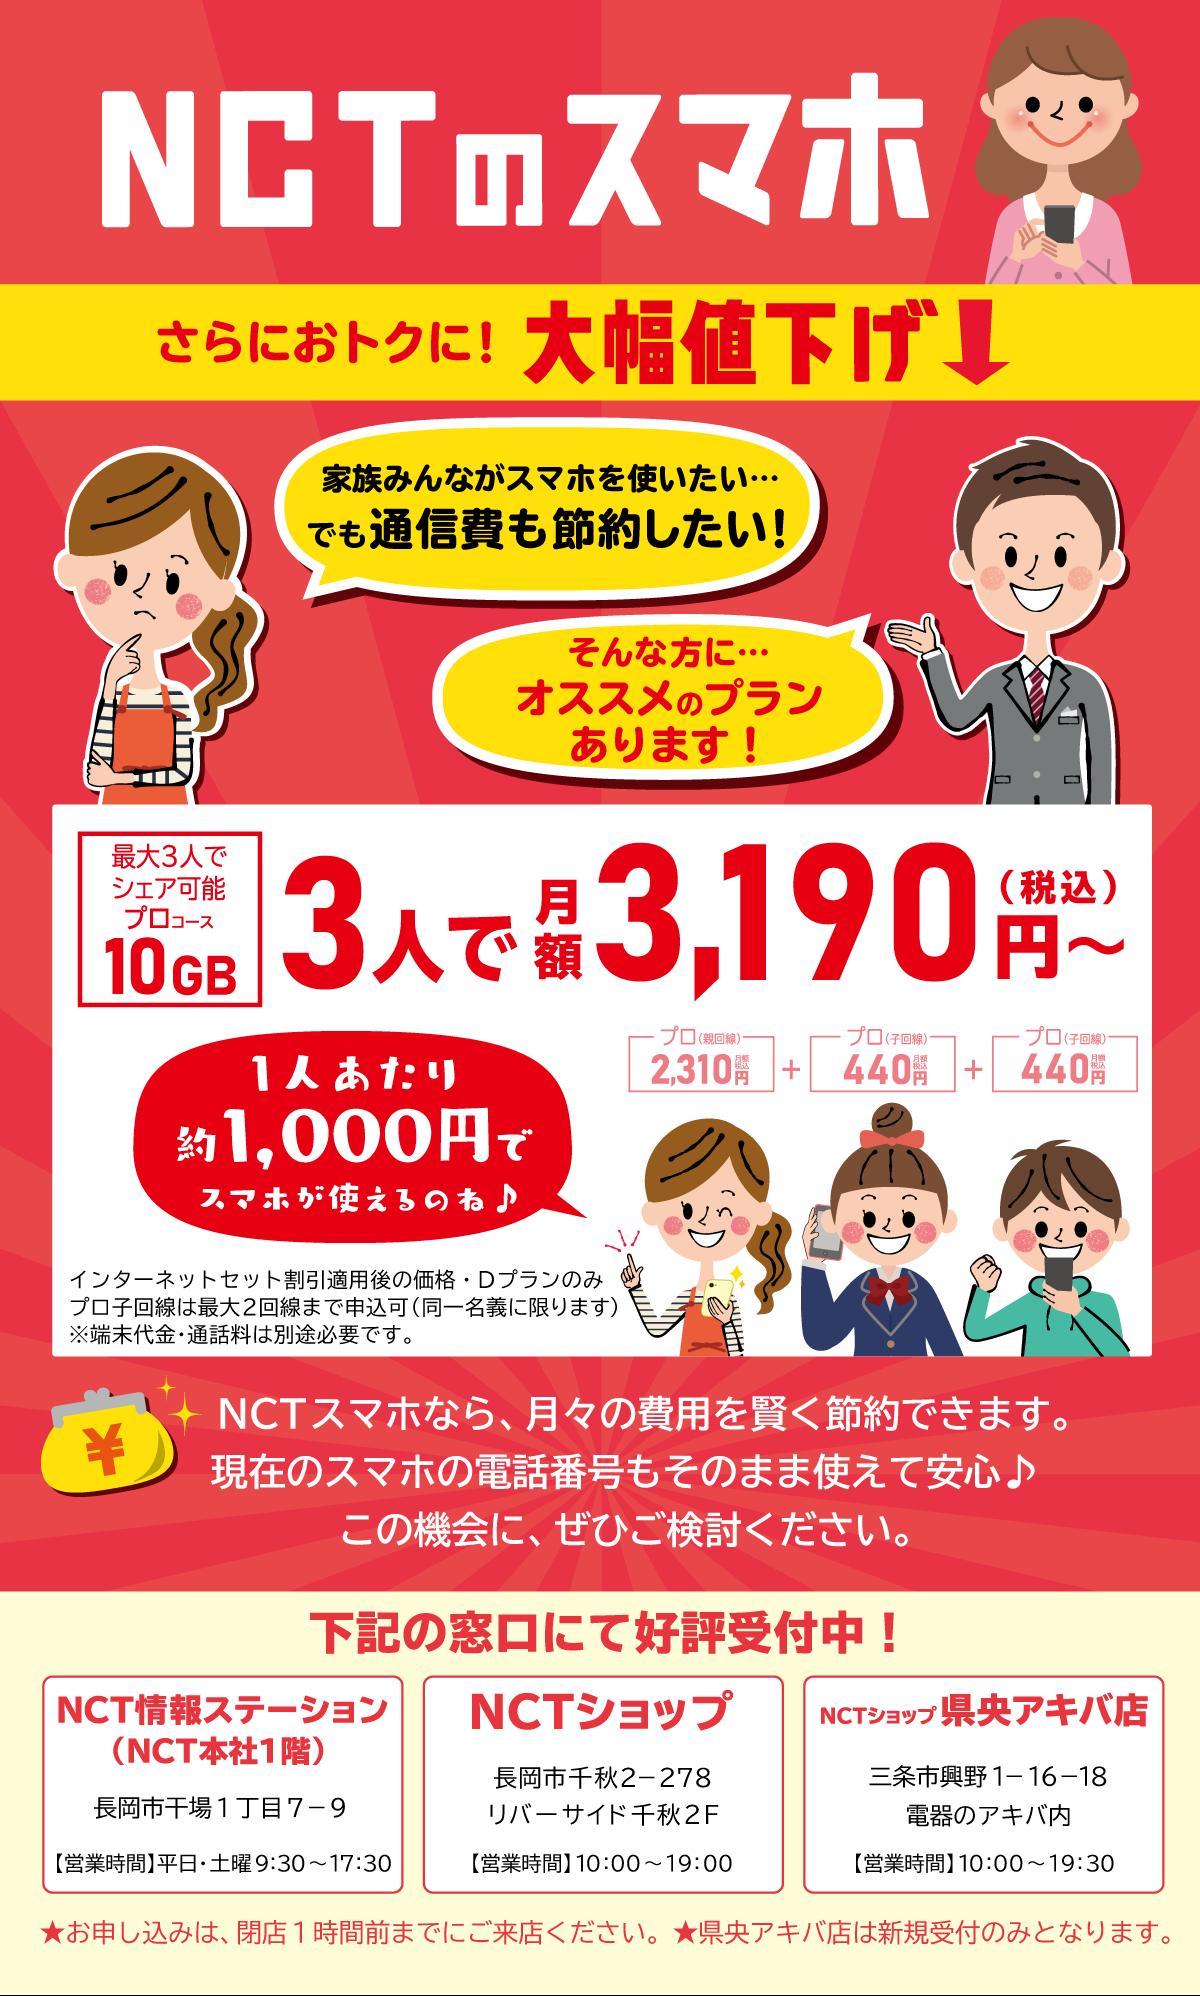 【再修正】トキっ子メルマガ2021.07.16